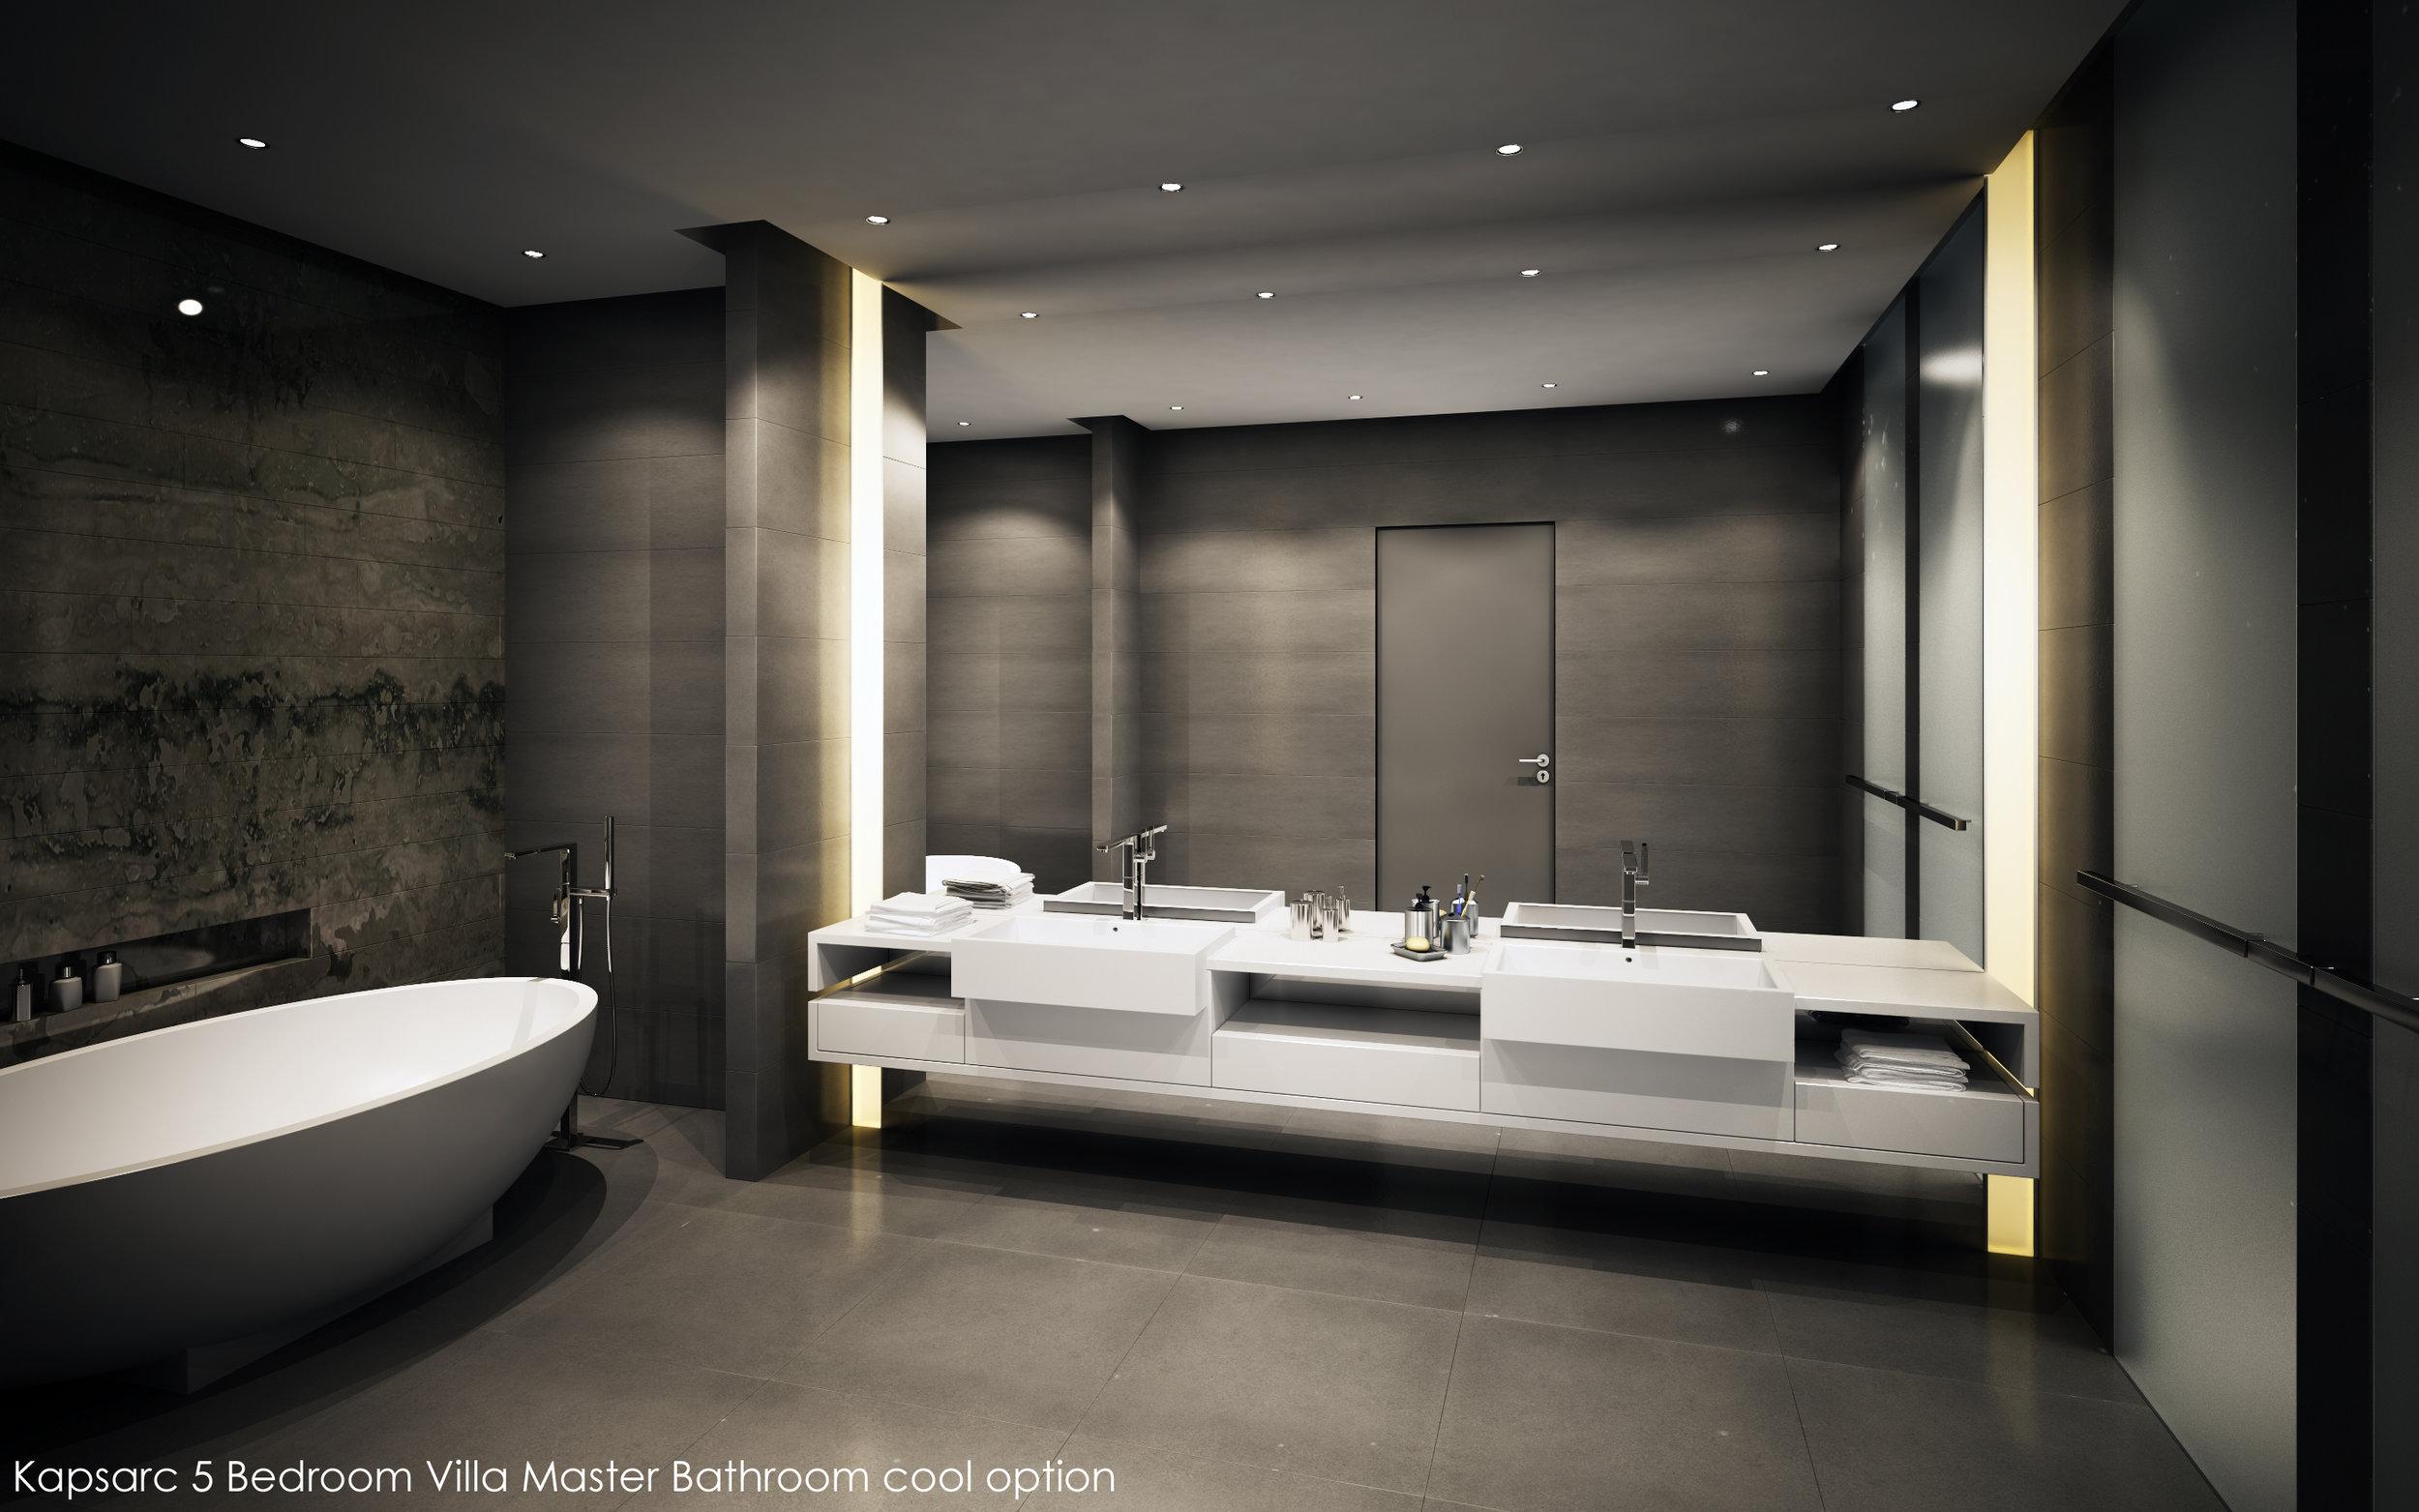 Kapsarc 5 Bedroom Villa Master Bathroom cool option.jpg